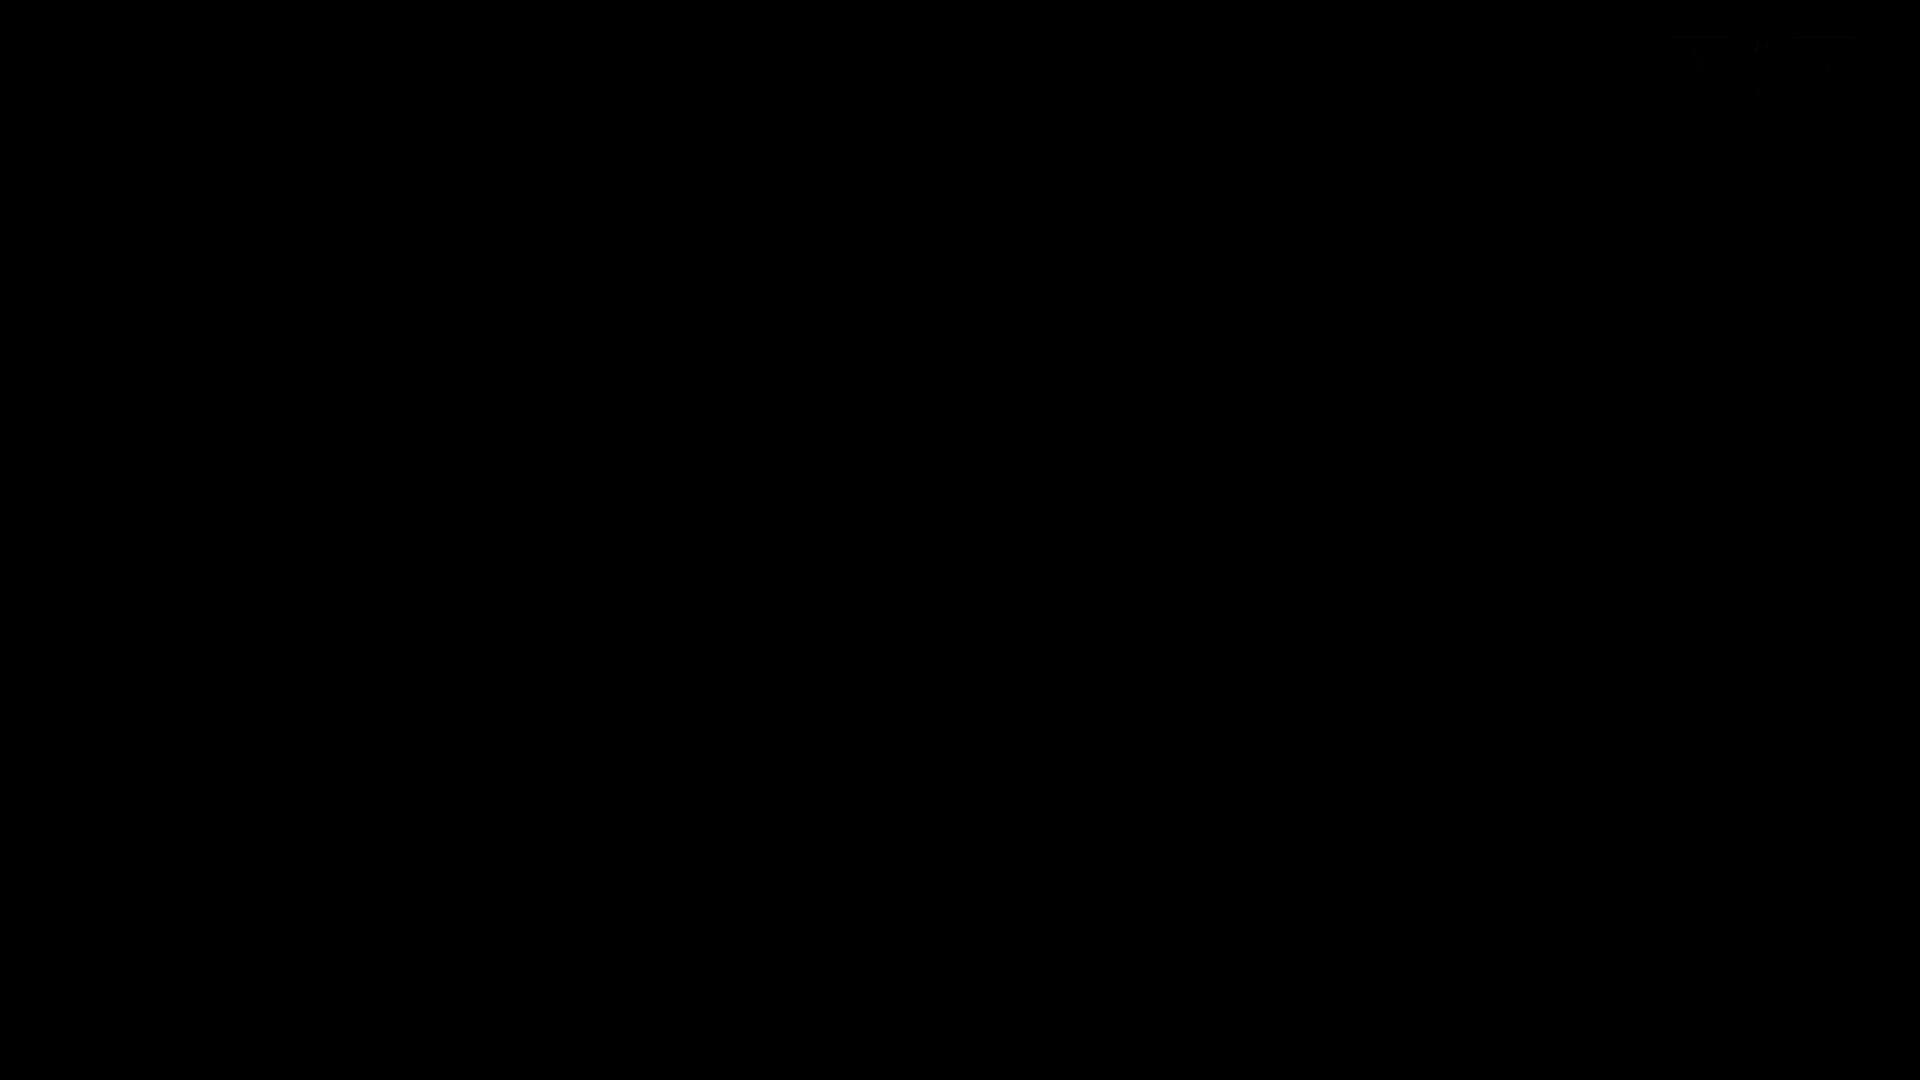 JD盗撮 美女の洗面所の秘密 Vol.53 盗撮エロすぎ | トイレ中  37連発 13